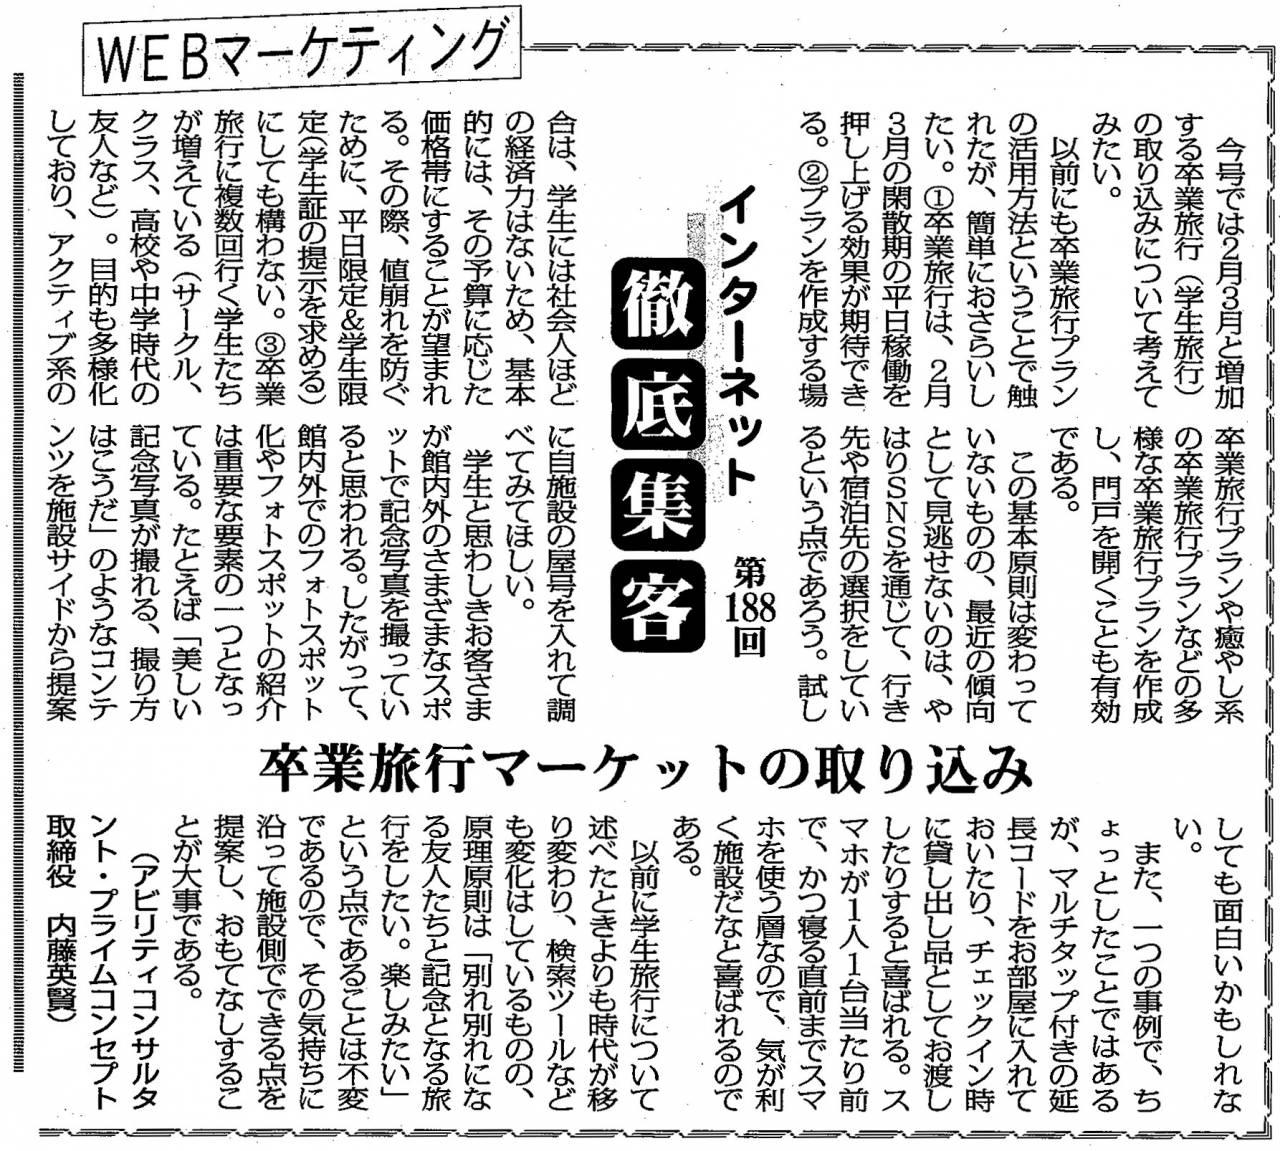 【第188回】WEBマーケティング インターネット徹底集客 (卒業マーケットの取り込み)